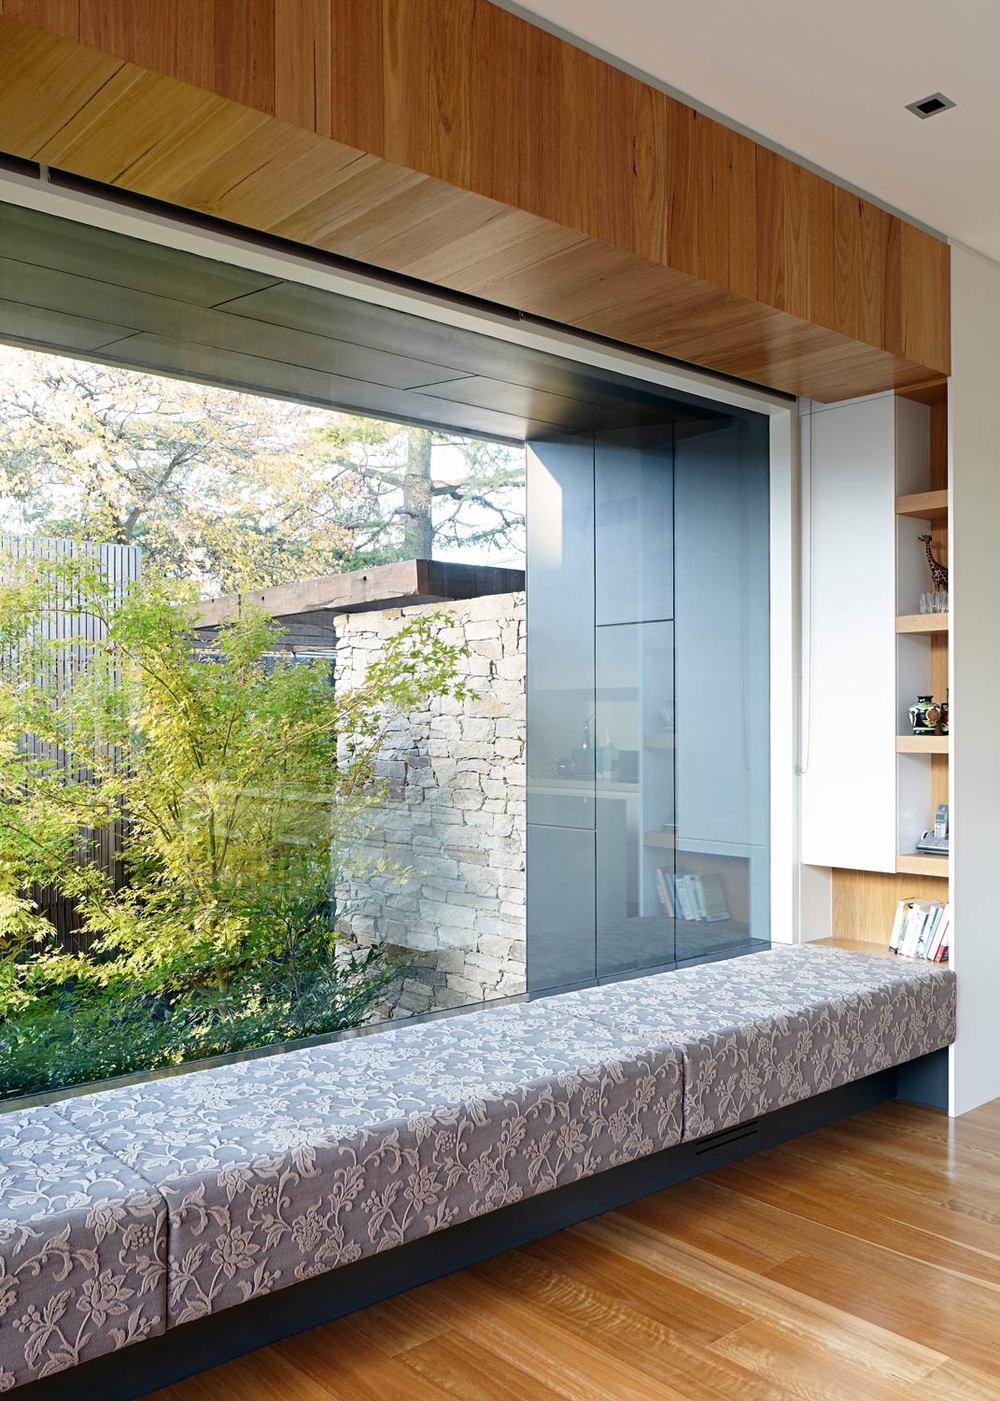 balwyn-house-renovation-by-warc-studio-06.jpg